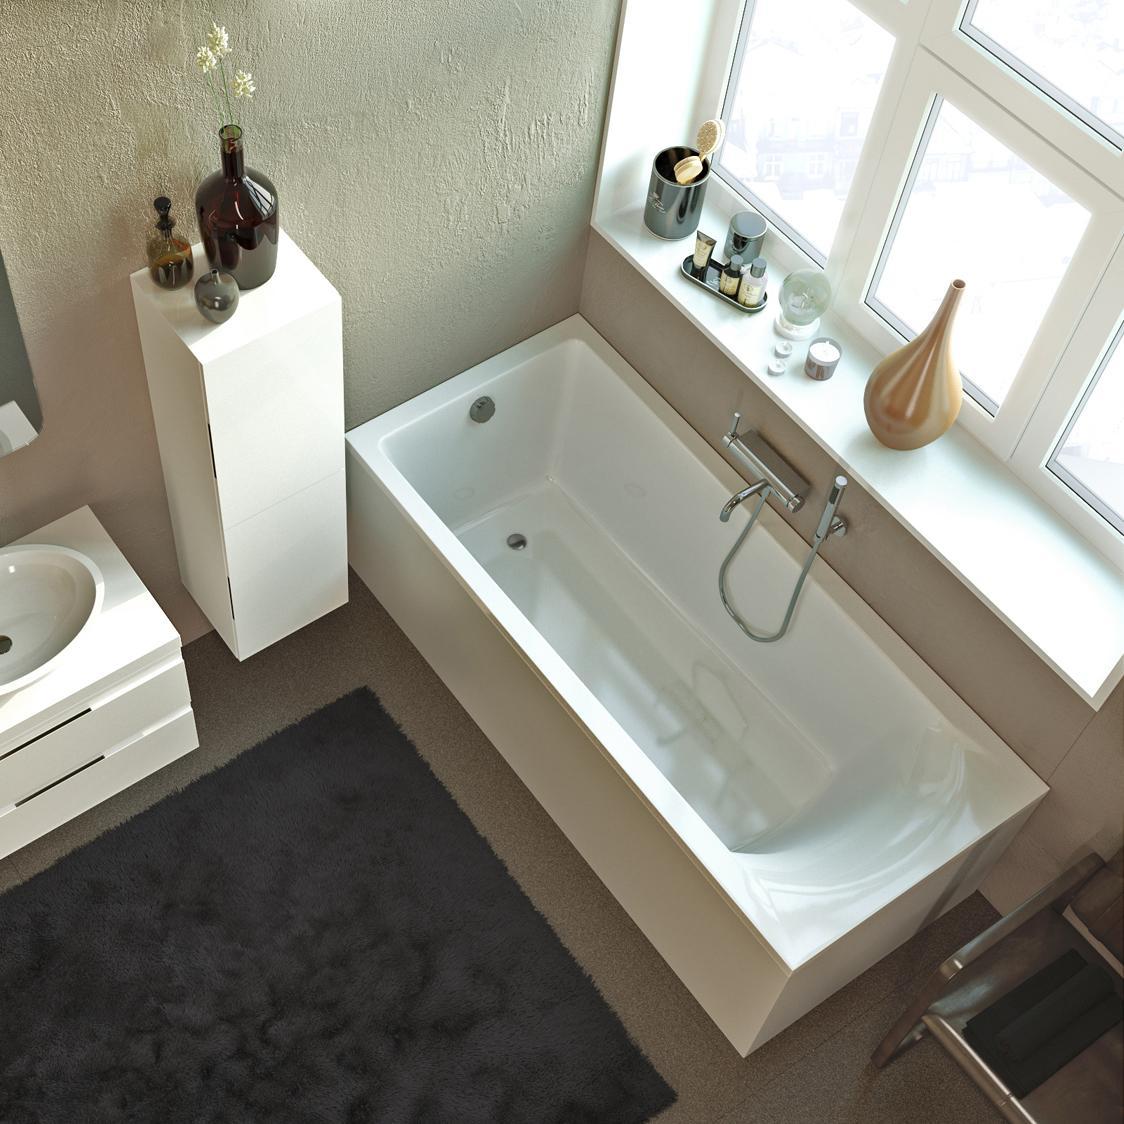 Акриловая ванна Alpen Venera 170x75 без гидромассажа акриловая ванна alpen fontana 170x75 комплект